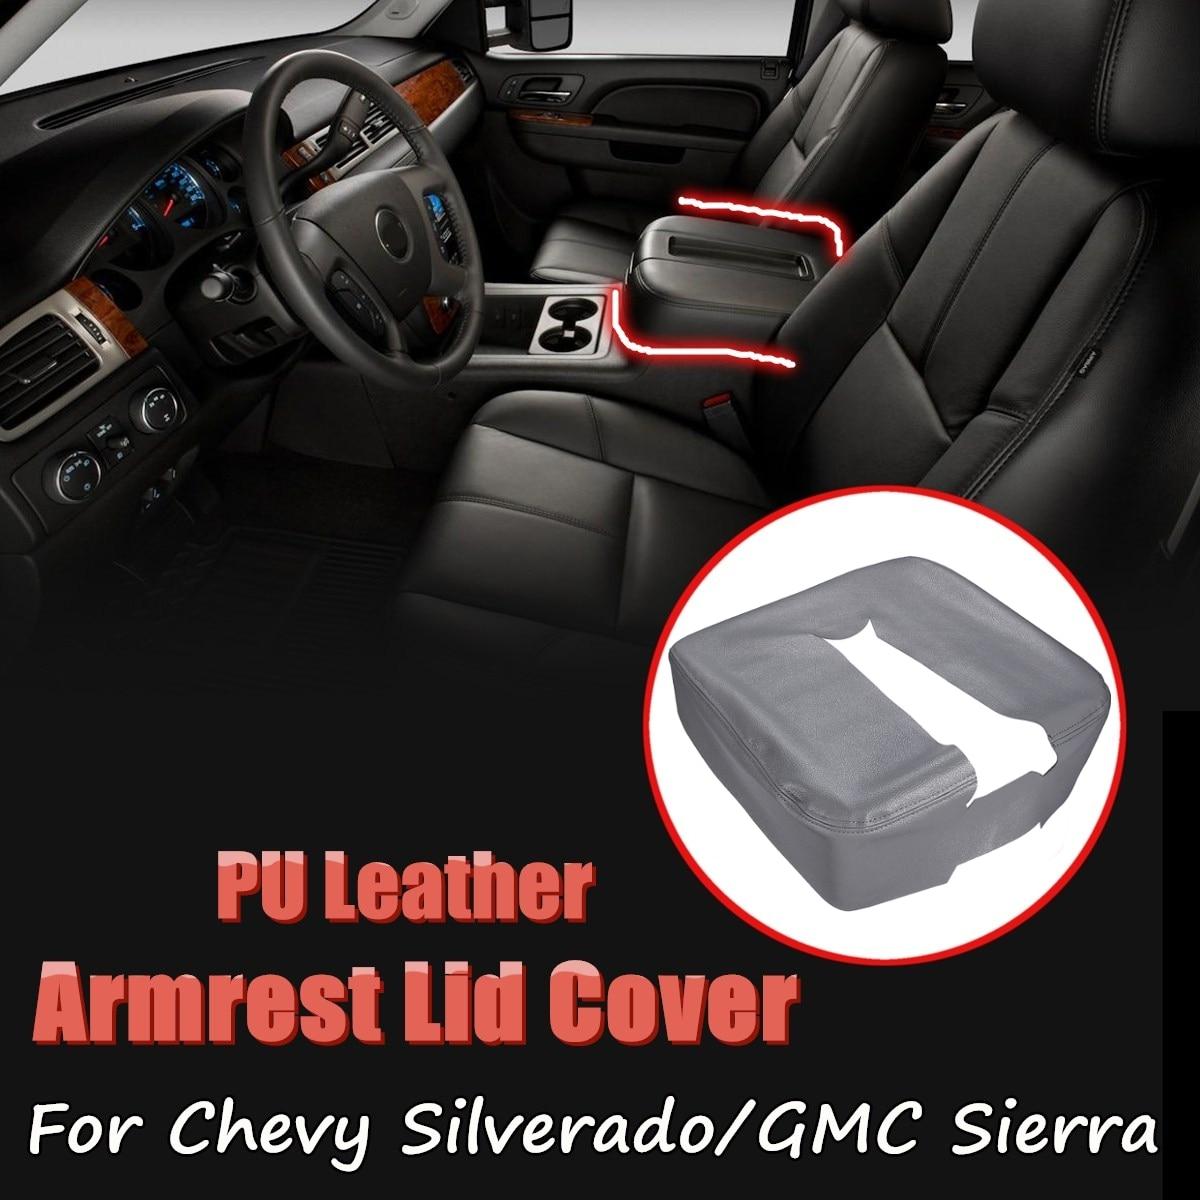 Étui de protection de couverture d'armres de couvercle de Console centrale de voiture en cuir d'unité centrale pour Chevy Silverado 1500 2500 3500 LT LTZ 2007-2014